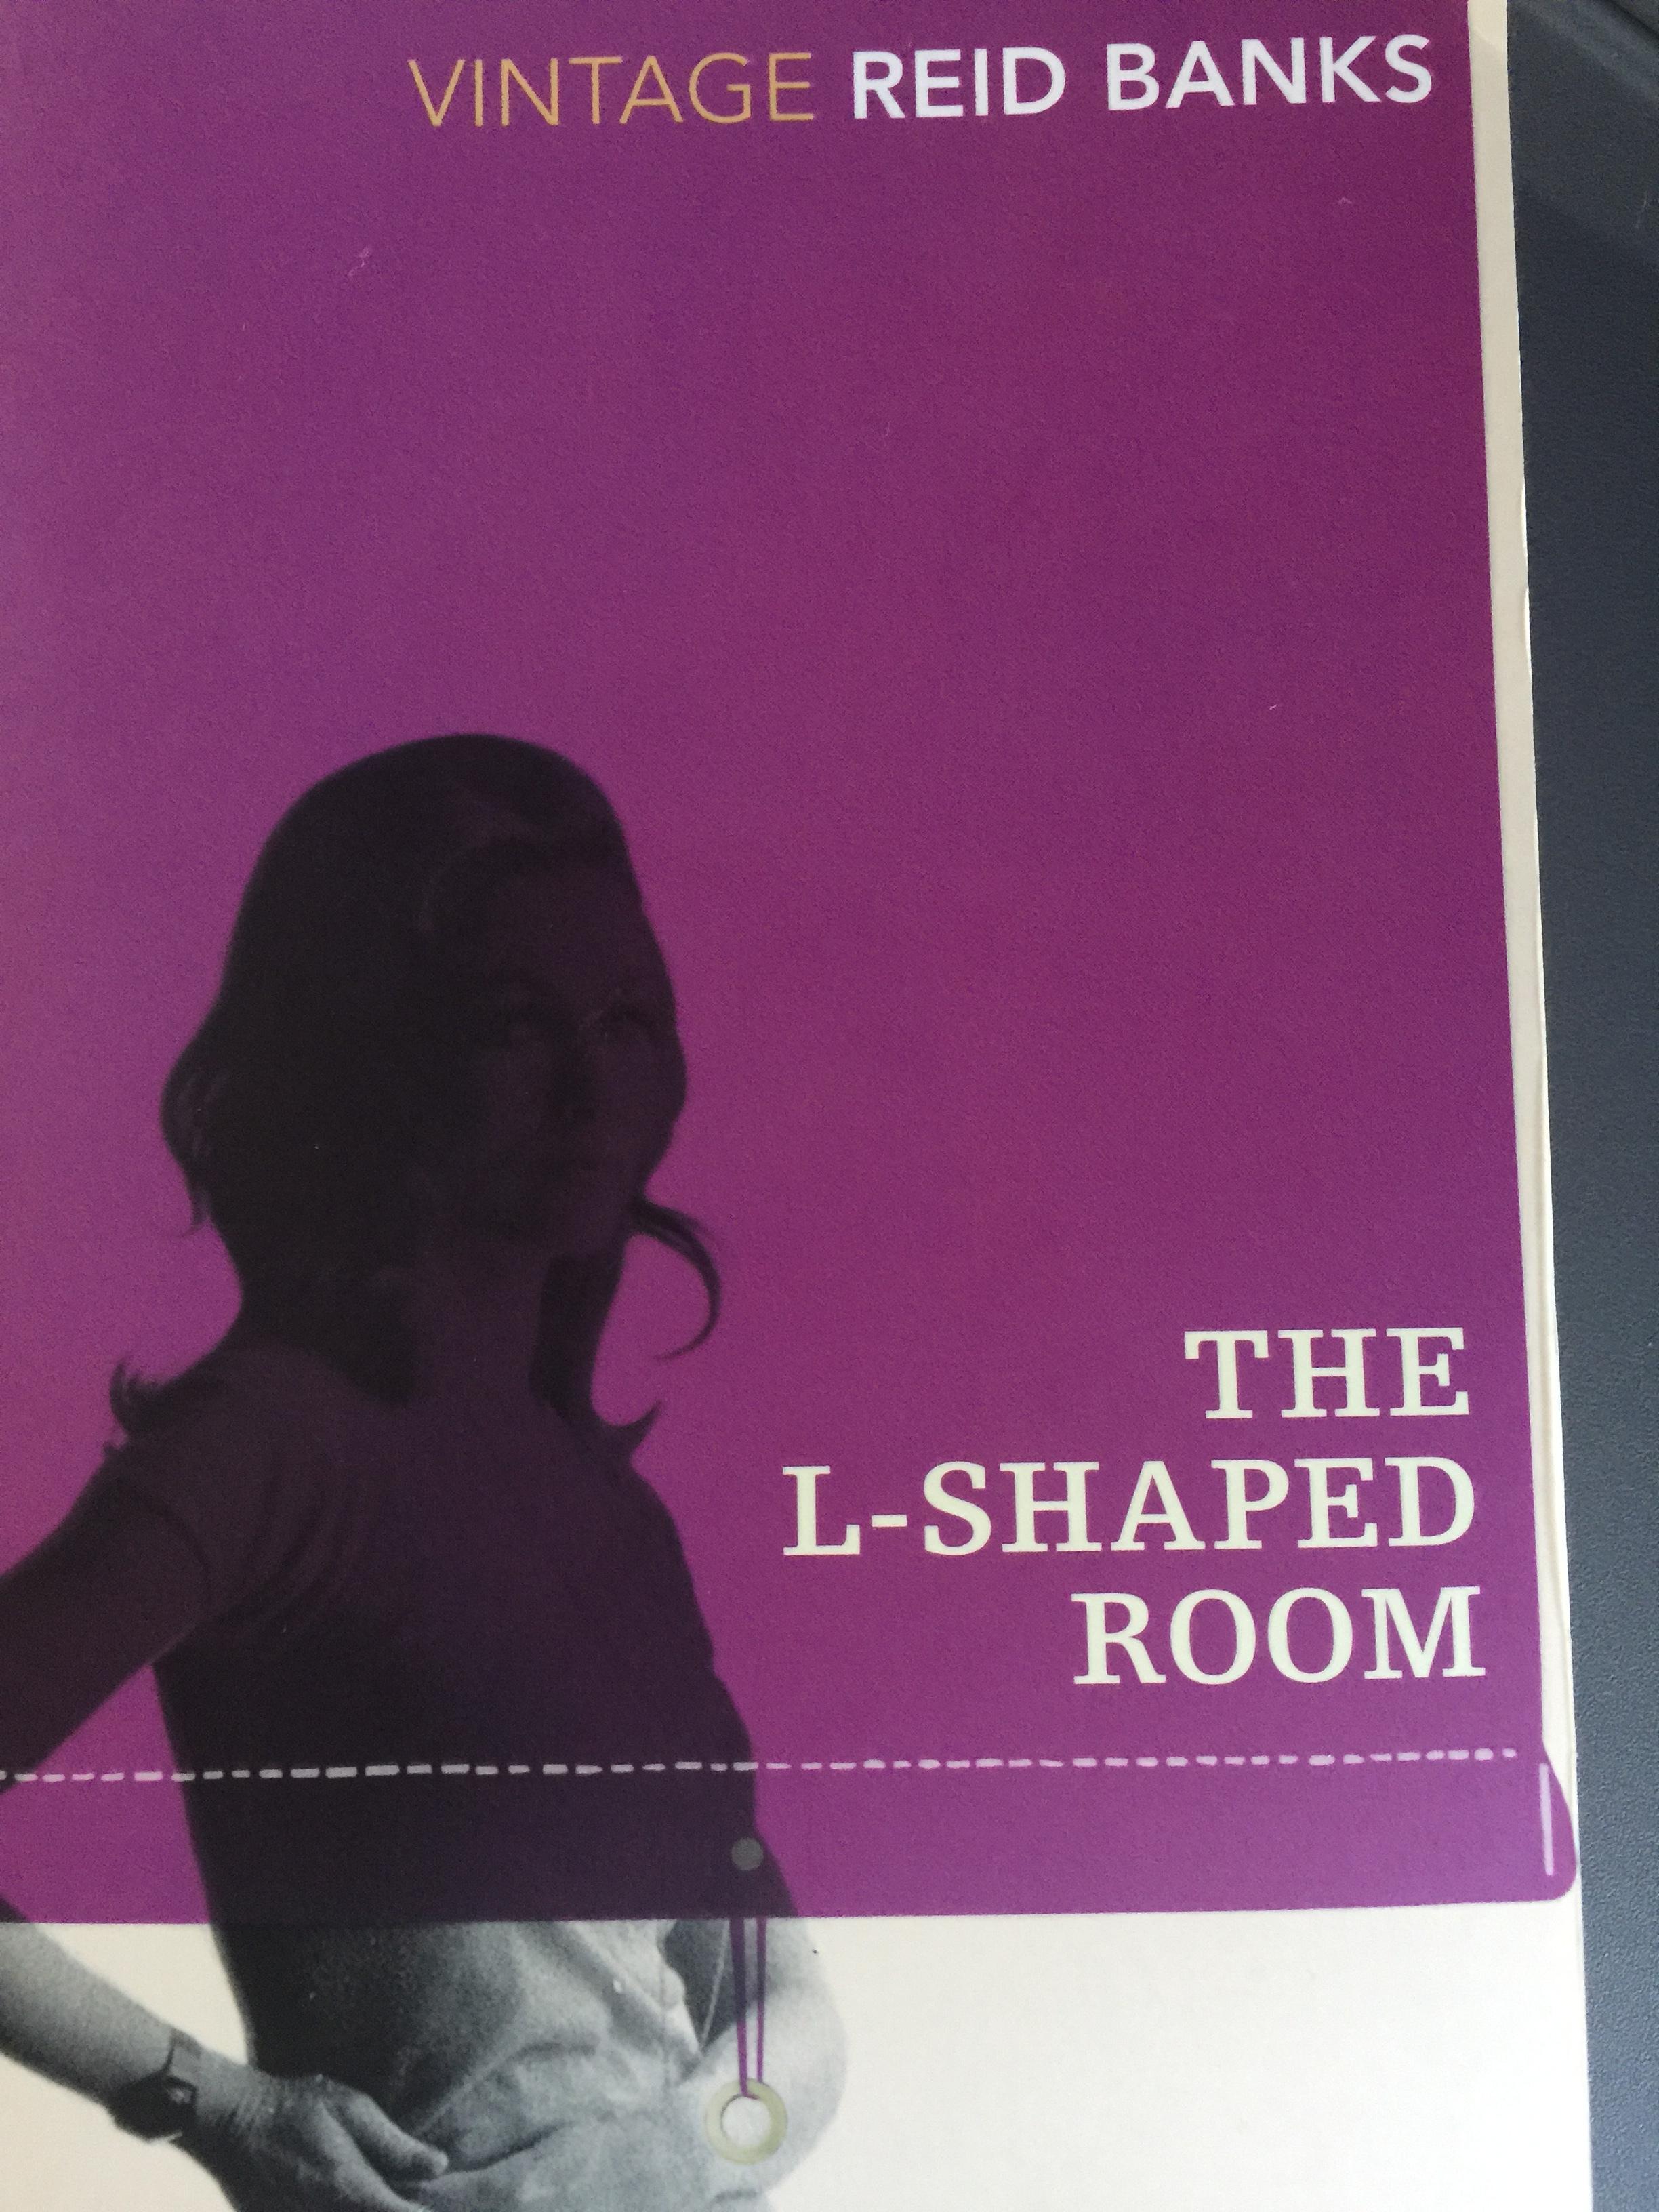 LShapedRoom.JPG